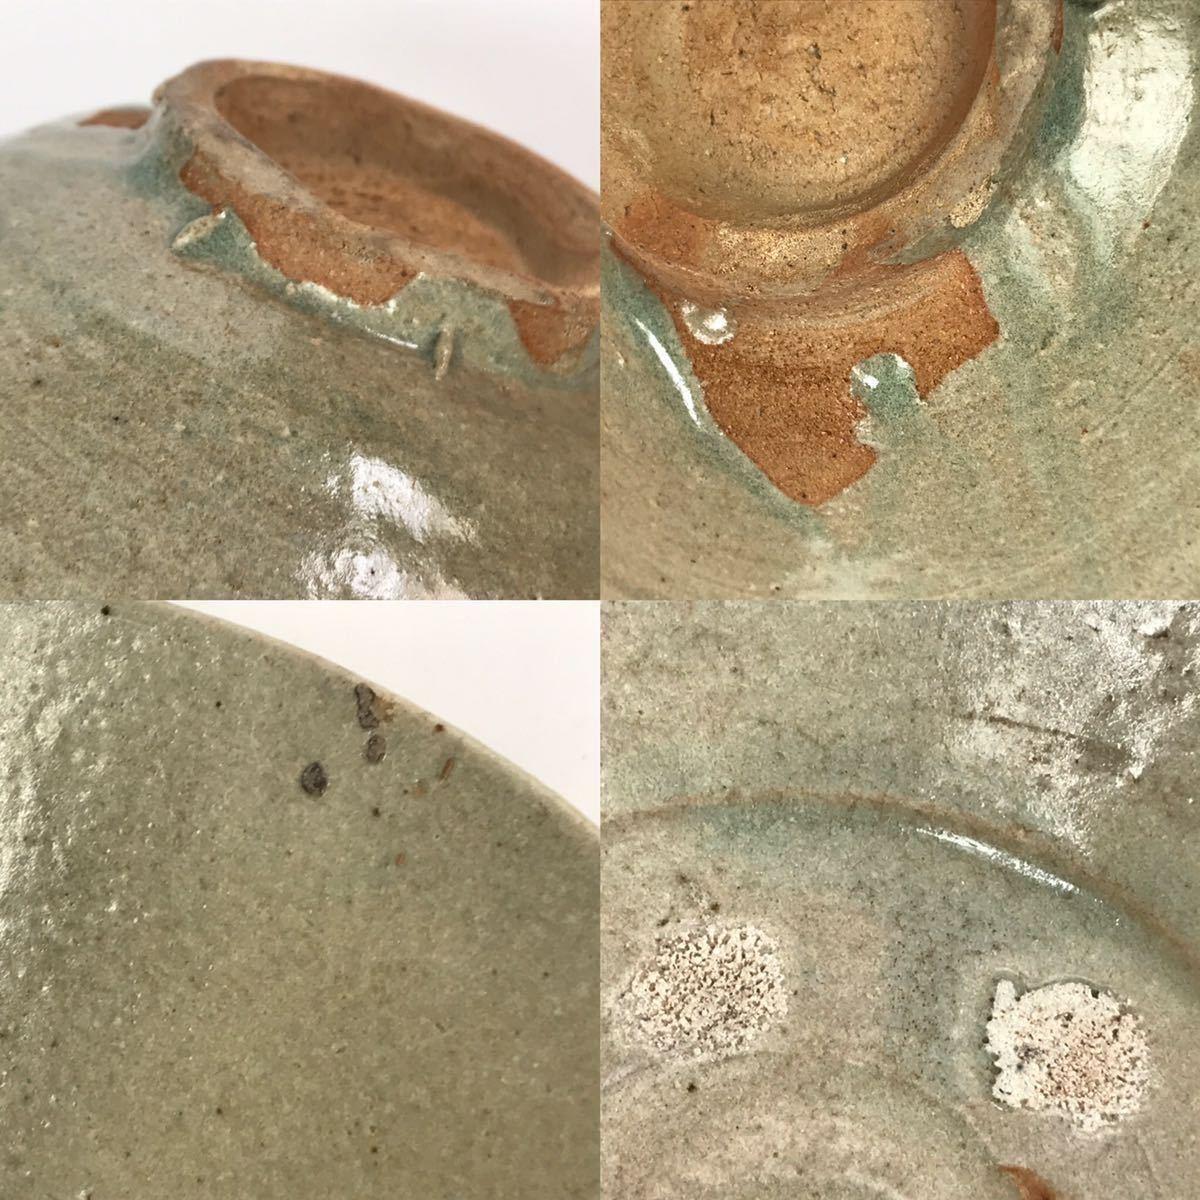 【在庫処分】李朝 灰釉平茶碗 鉢 李朝前期 16世紀 時代、本物保証 縁に金継ぎ直し、ひっつきがあります 箱なし_画像8